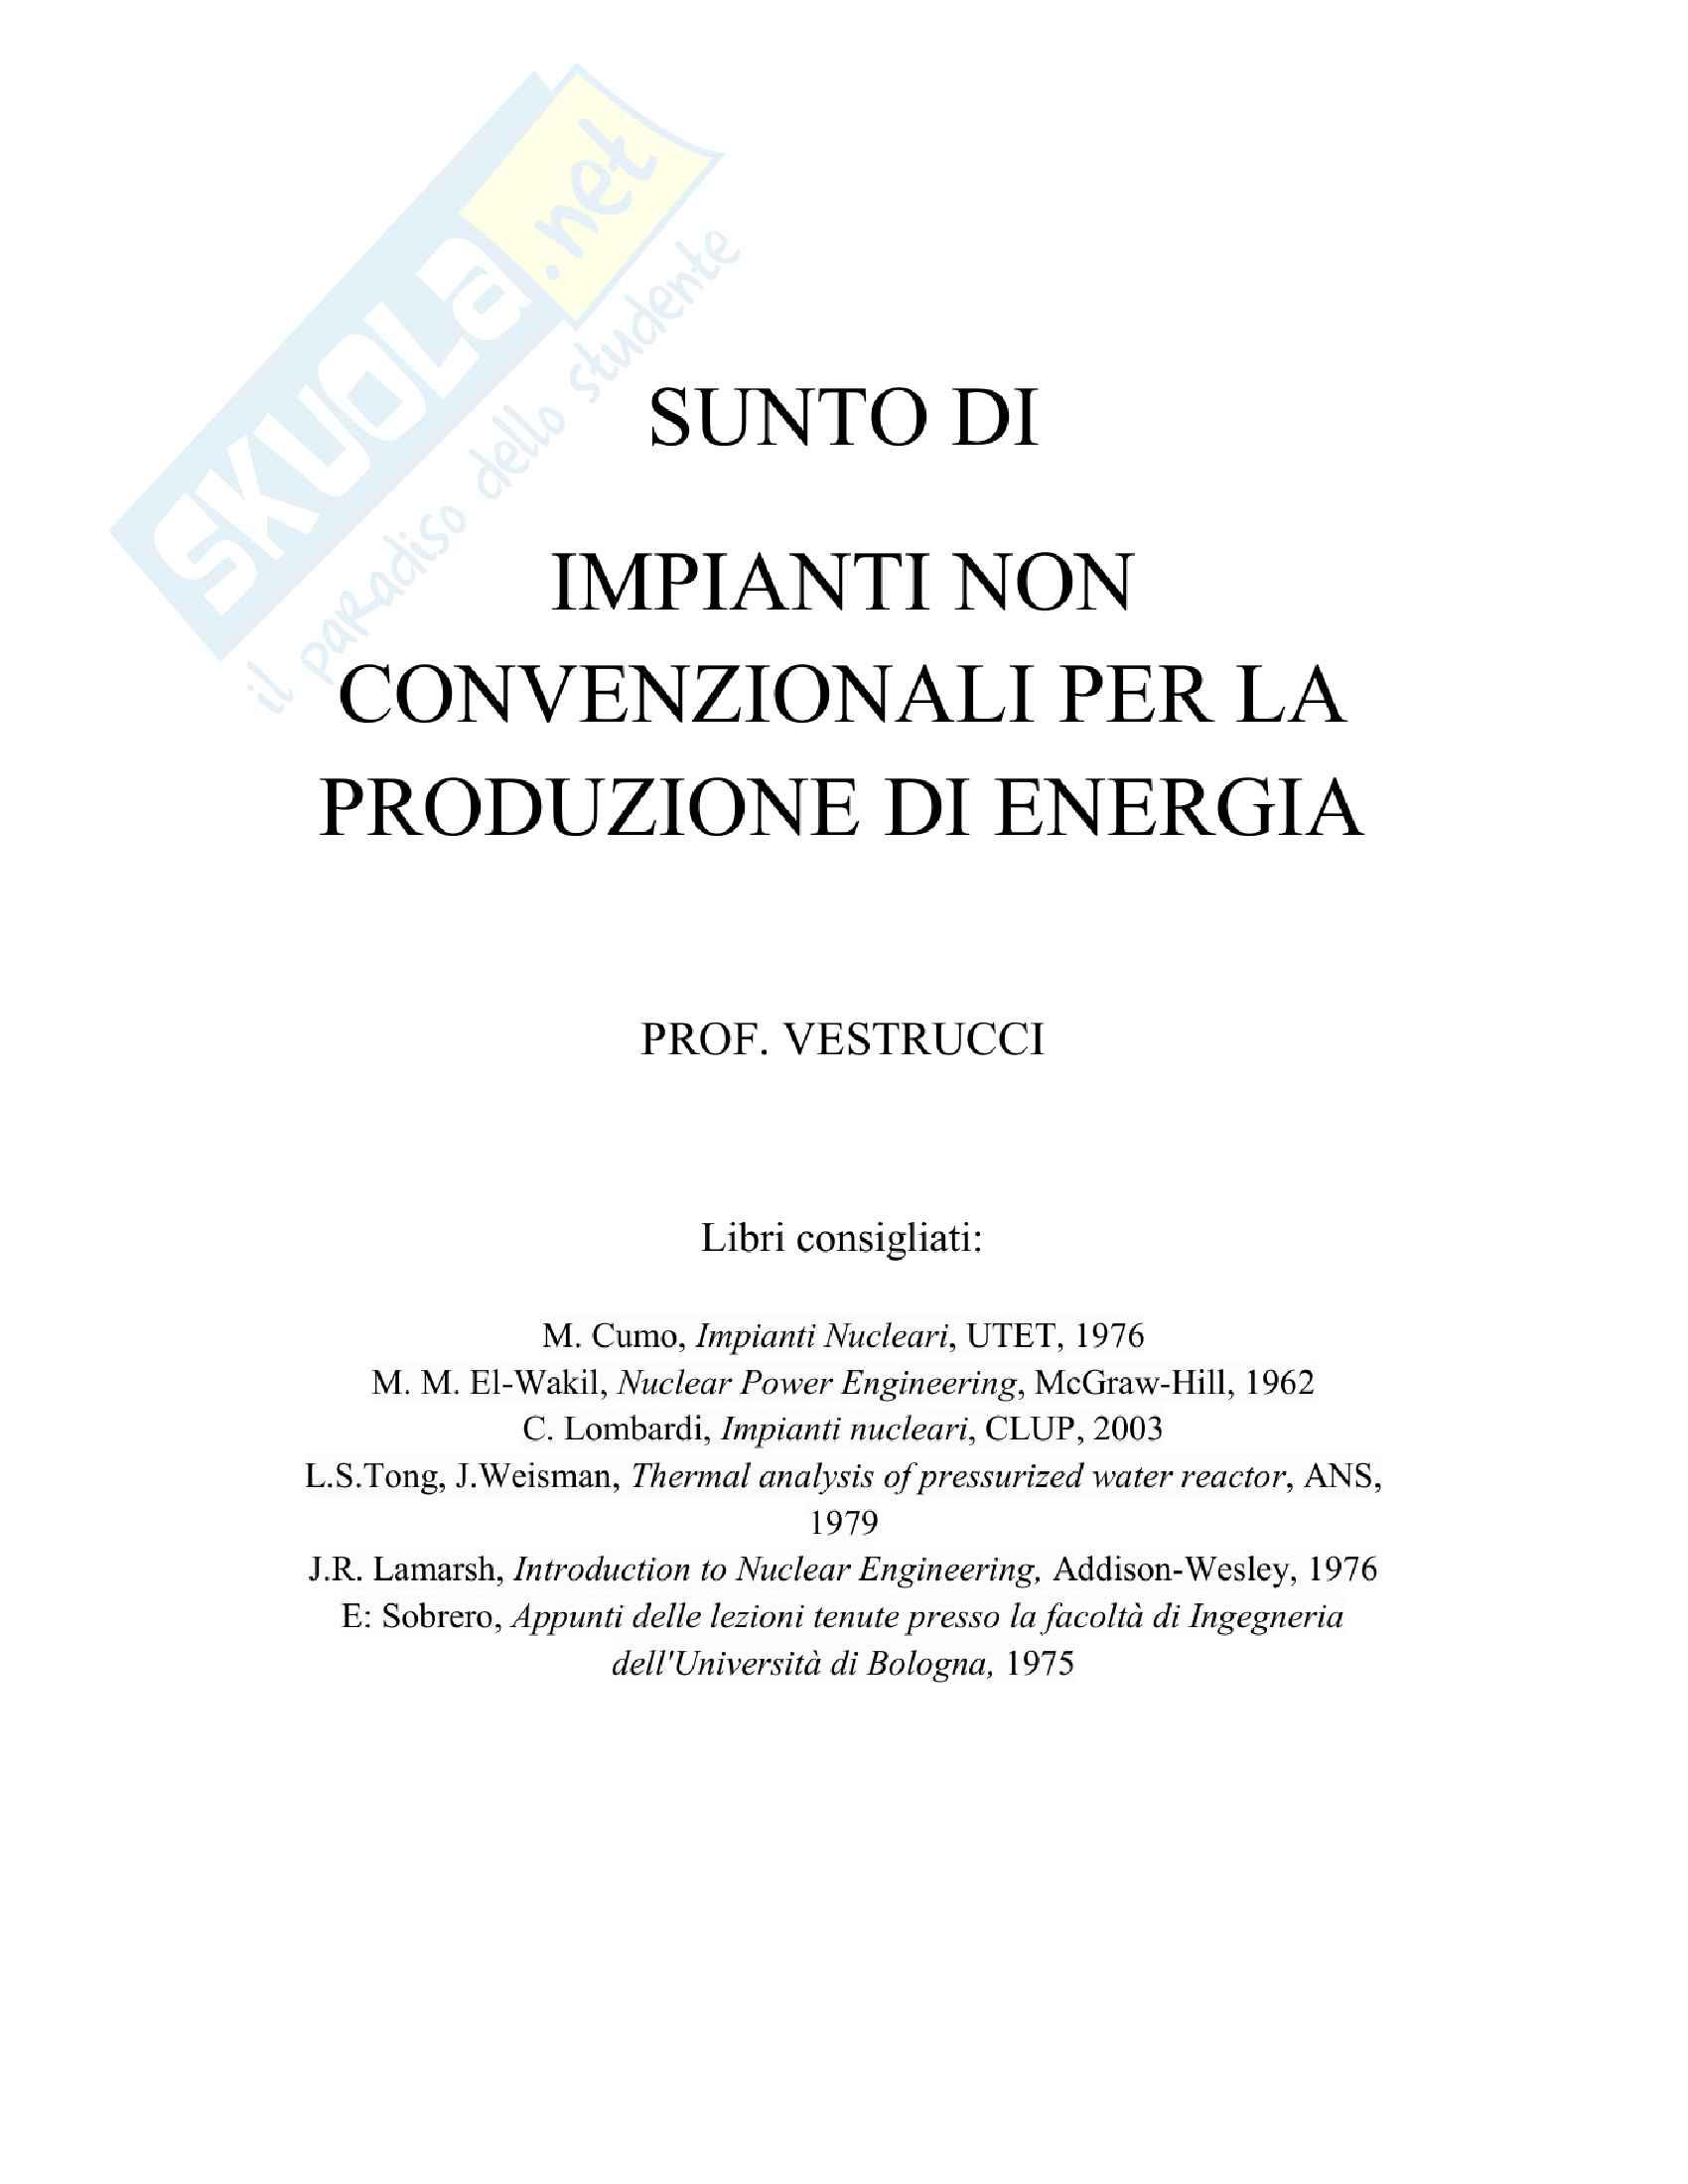 Riassunto esame Impianti non Convenzionali per la Produzione di Energia, prof. Vestrucci, libri consigliati M. Cumo, Impianti Nucleari, UTET, 1976 M. M. El-Wakil, Nuclear Power Engineering, McGraw-Hill, 1962 C. Lombardi, Impianti nucleari, CLUP, 2003